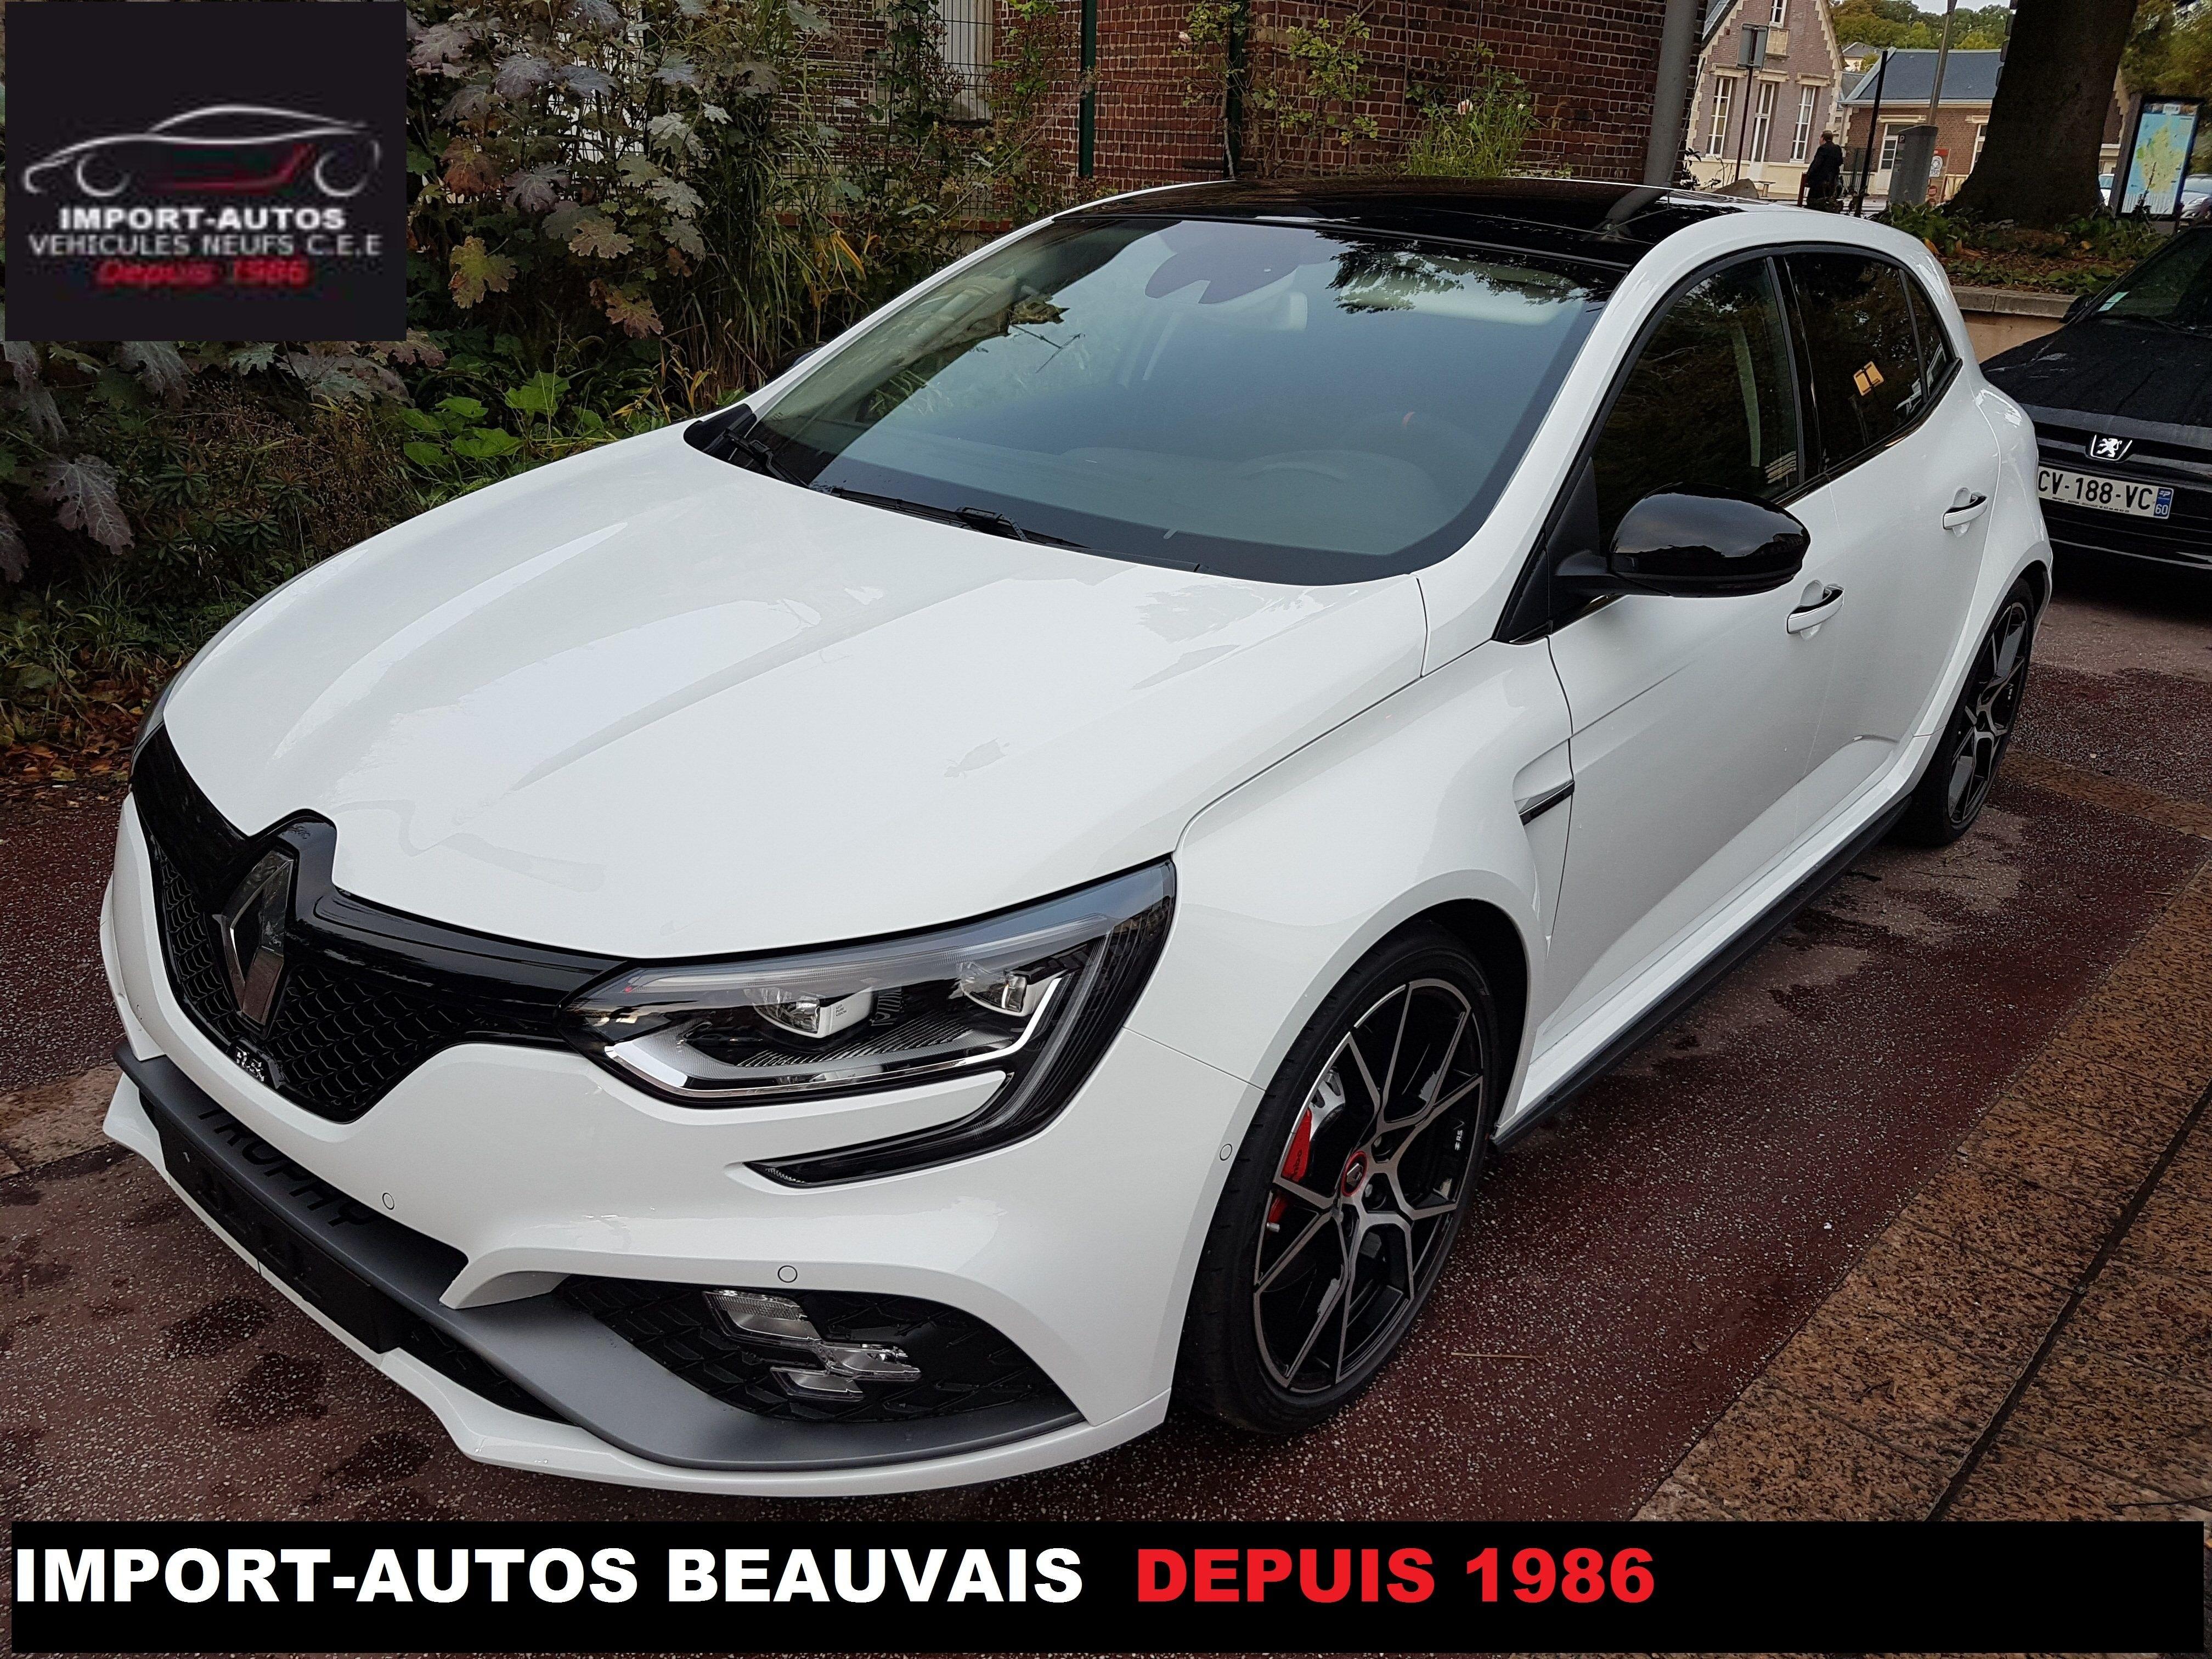 Import Autos Beauvais Mandataire Haut De France Picardie